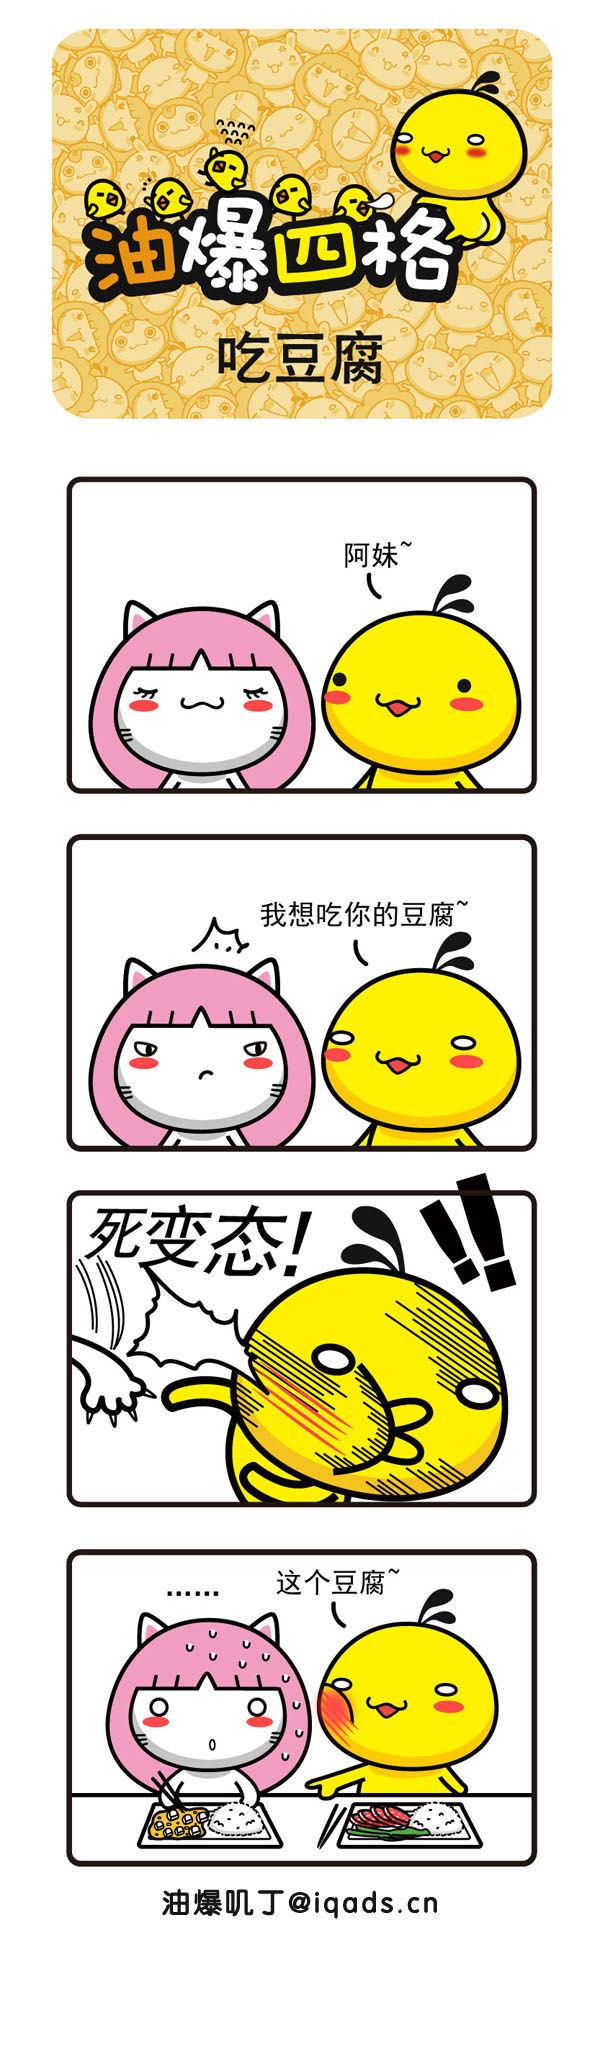 吃豆腐.jpg